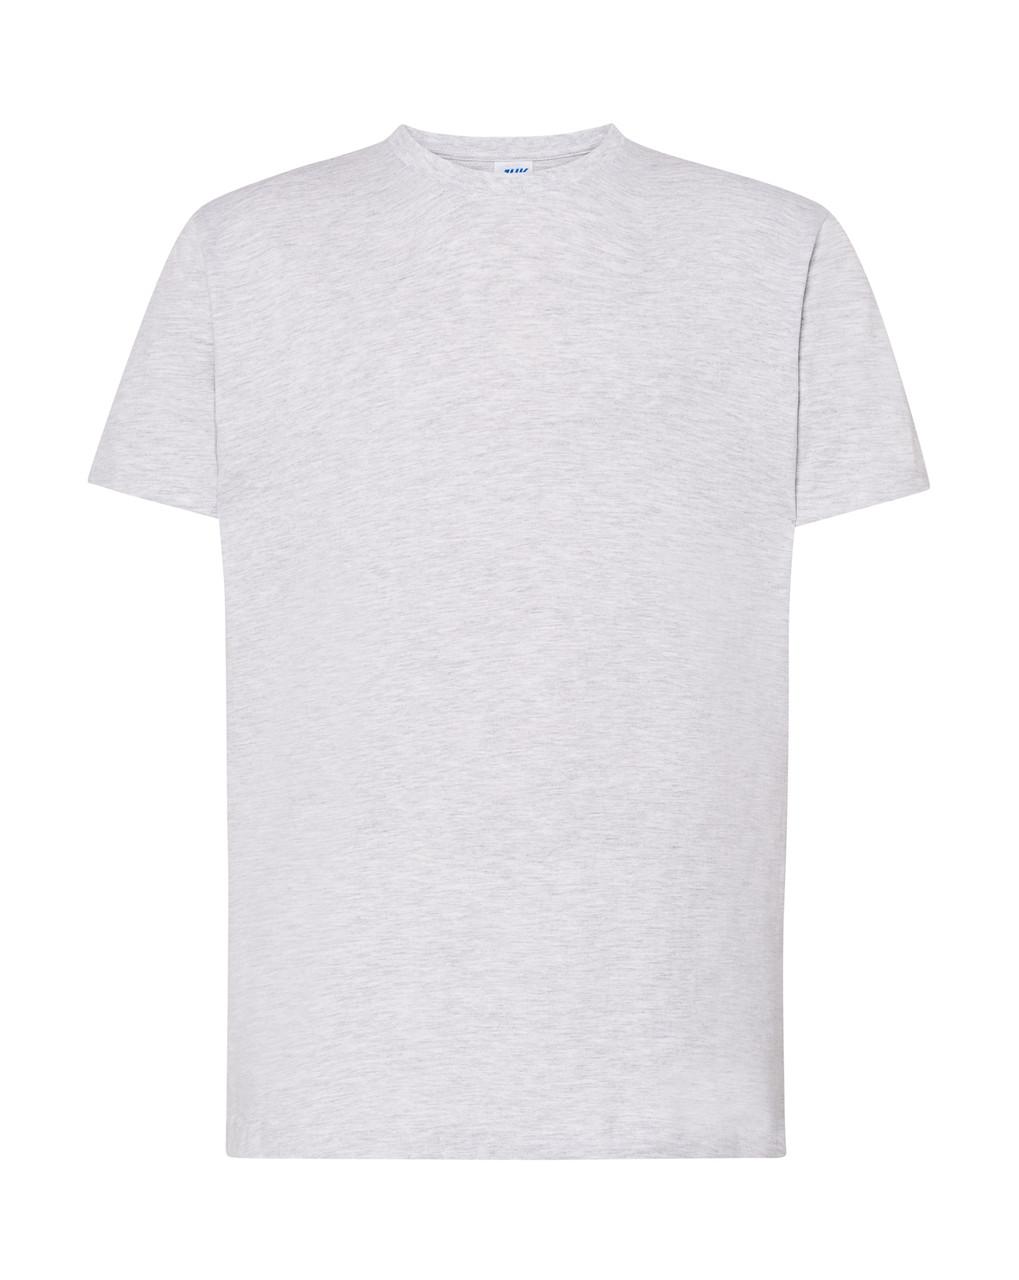 Мужская футболка JHK REGULAR PREMIUM T-SHIRT цвет светло-серый меланж (AS)